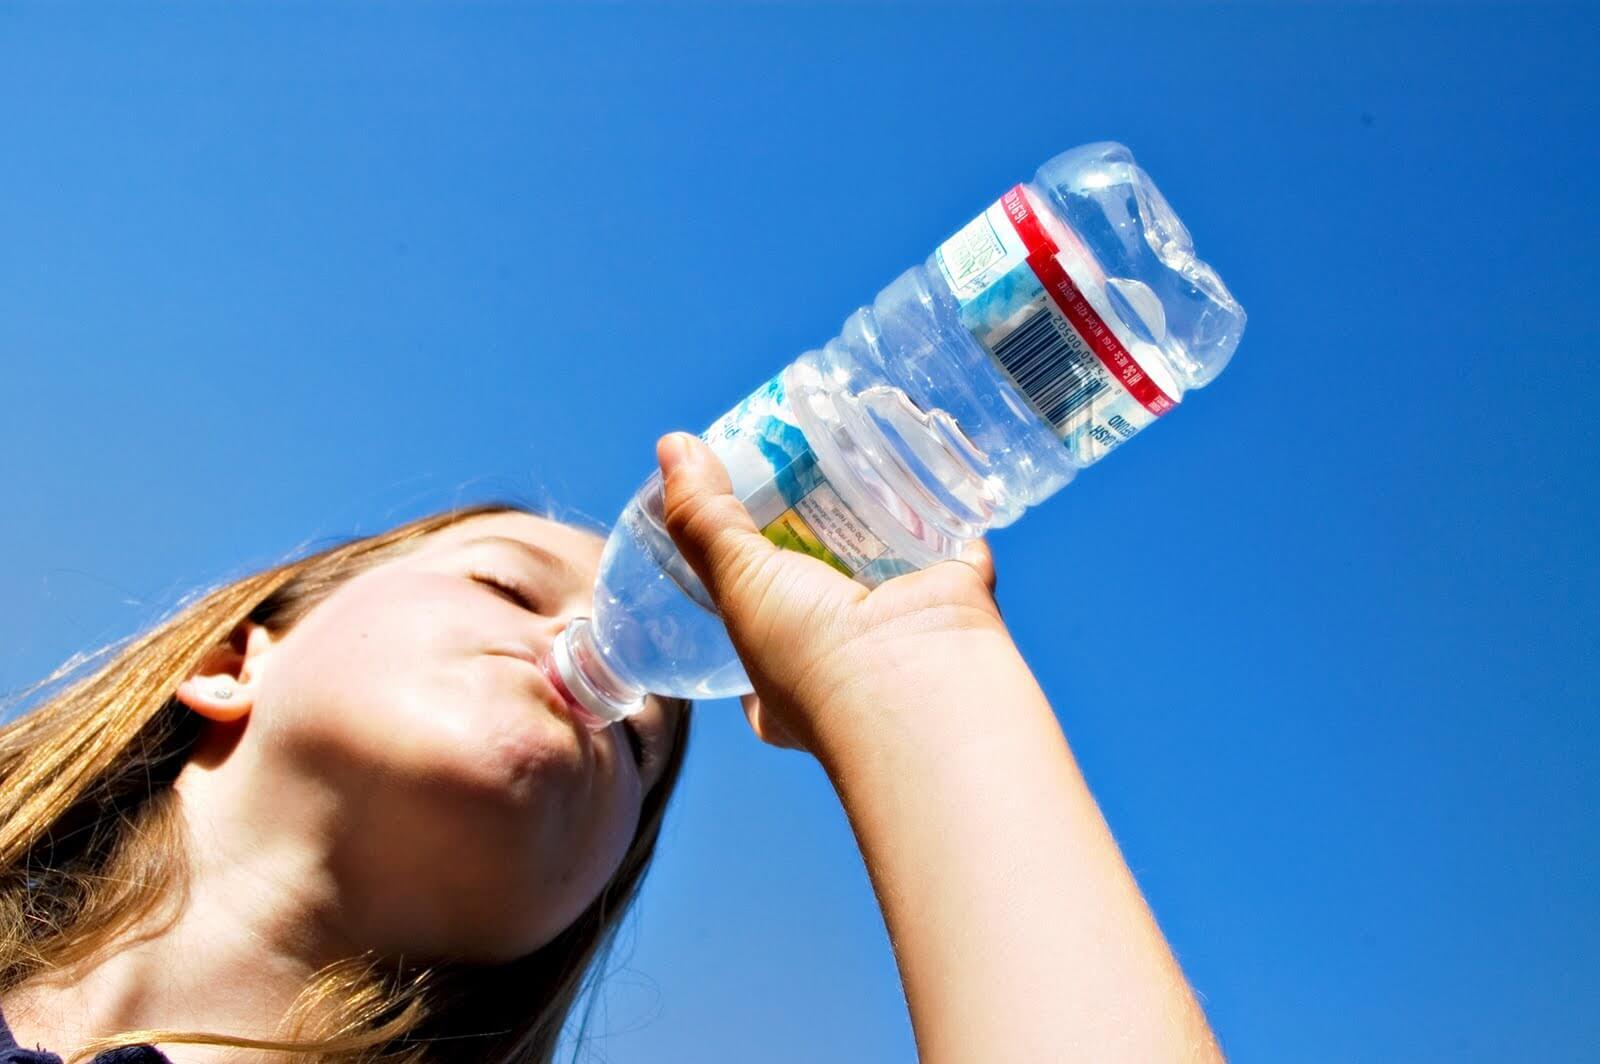 Beber agua ayuda a quienes padecen estreñimiento